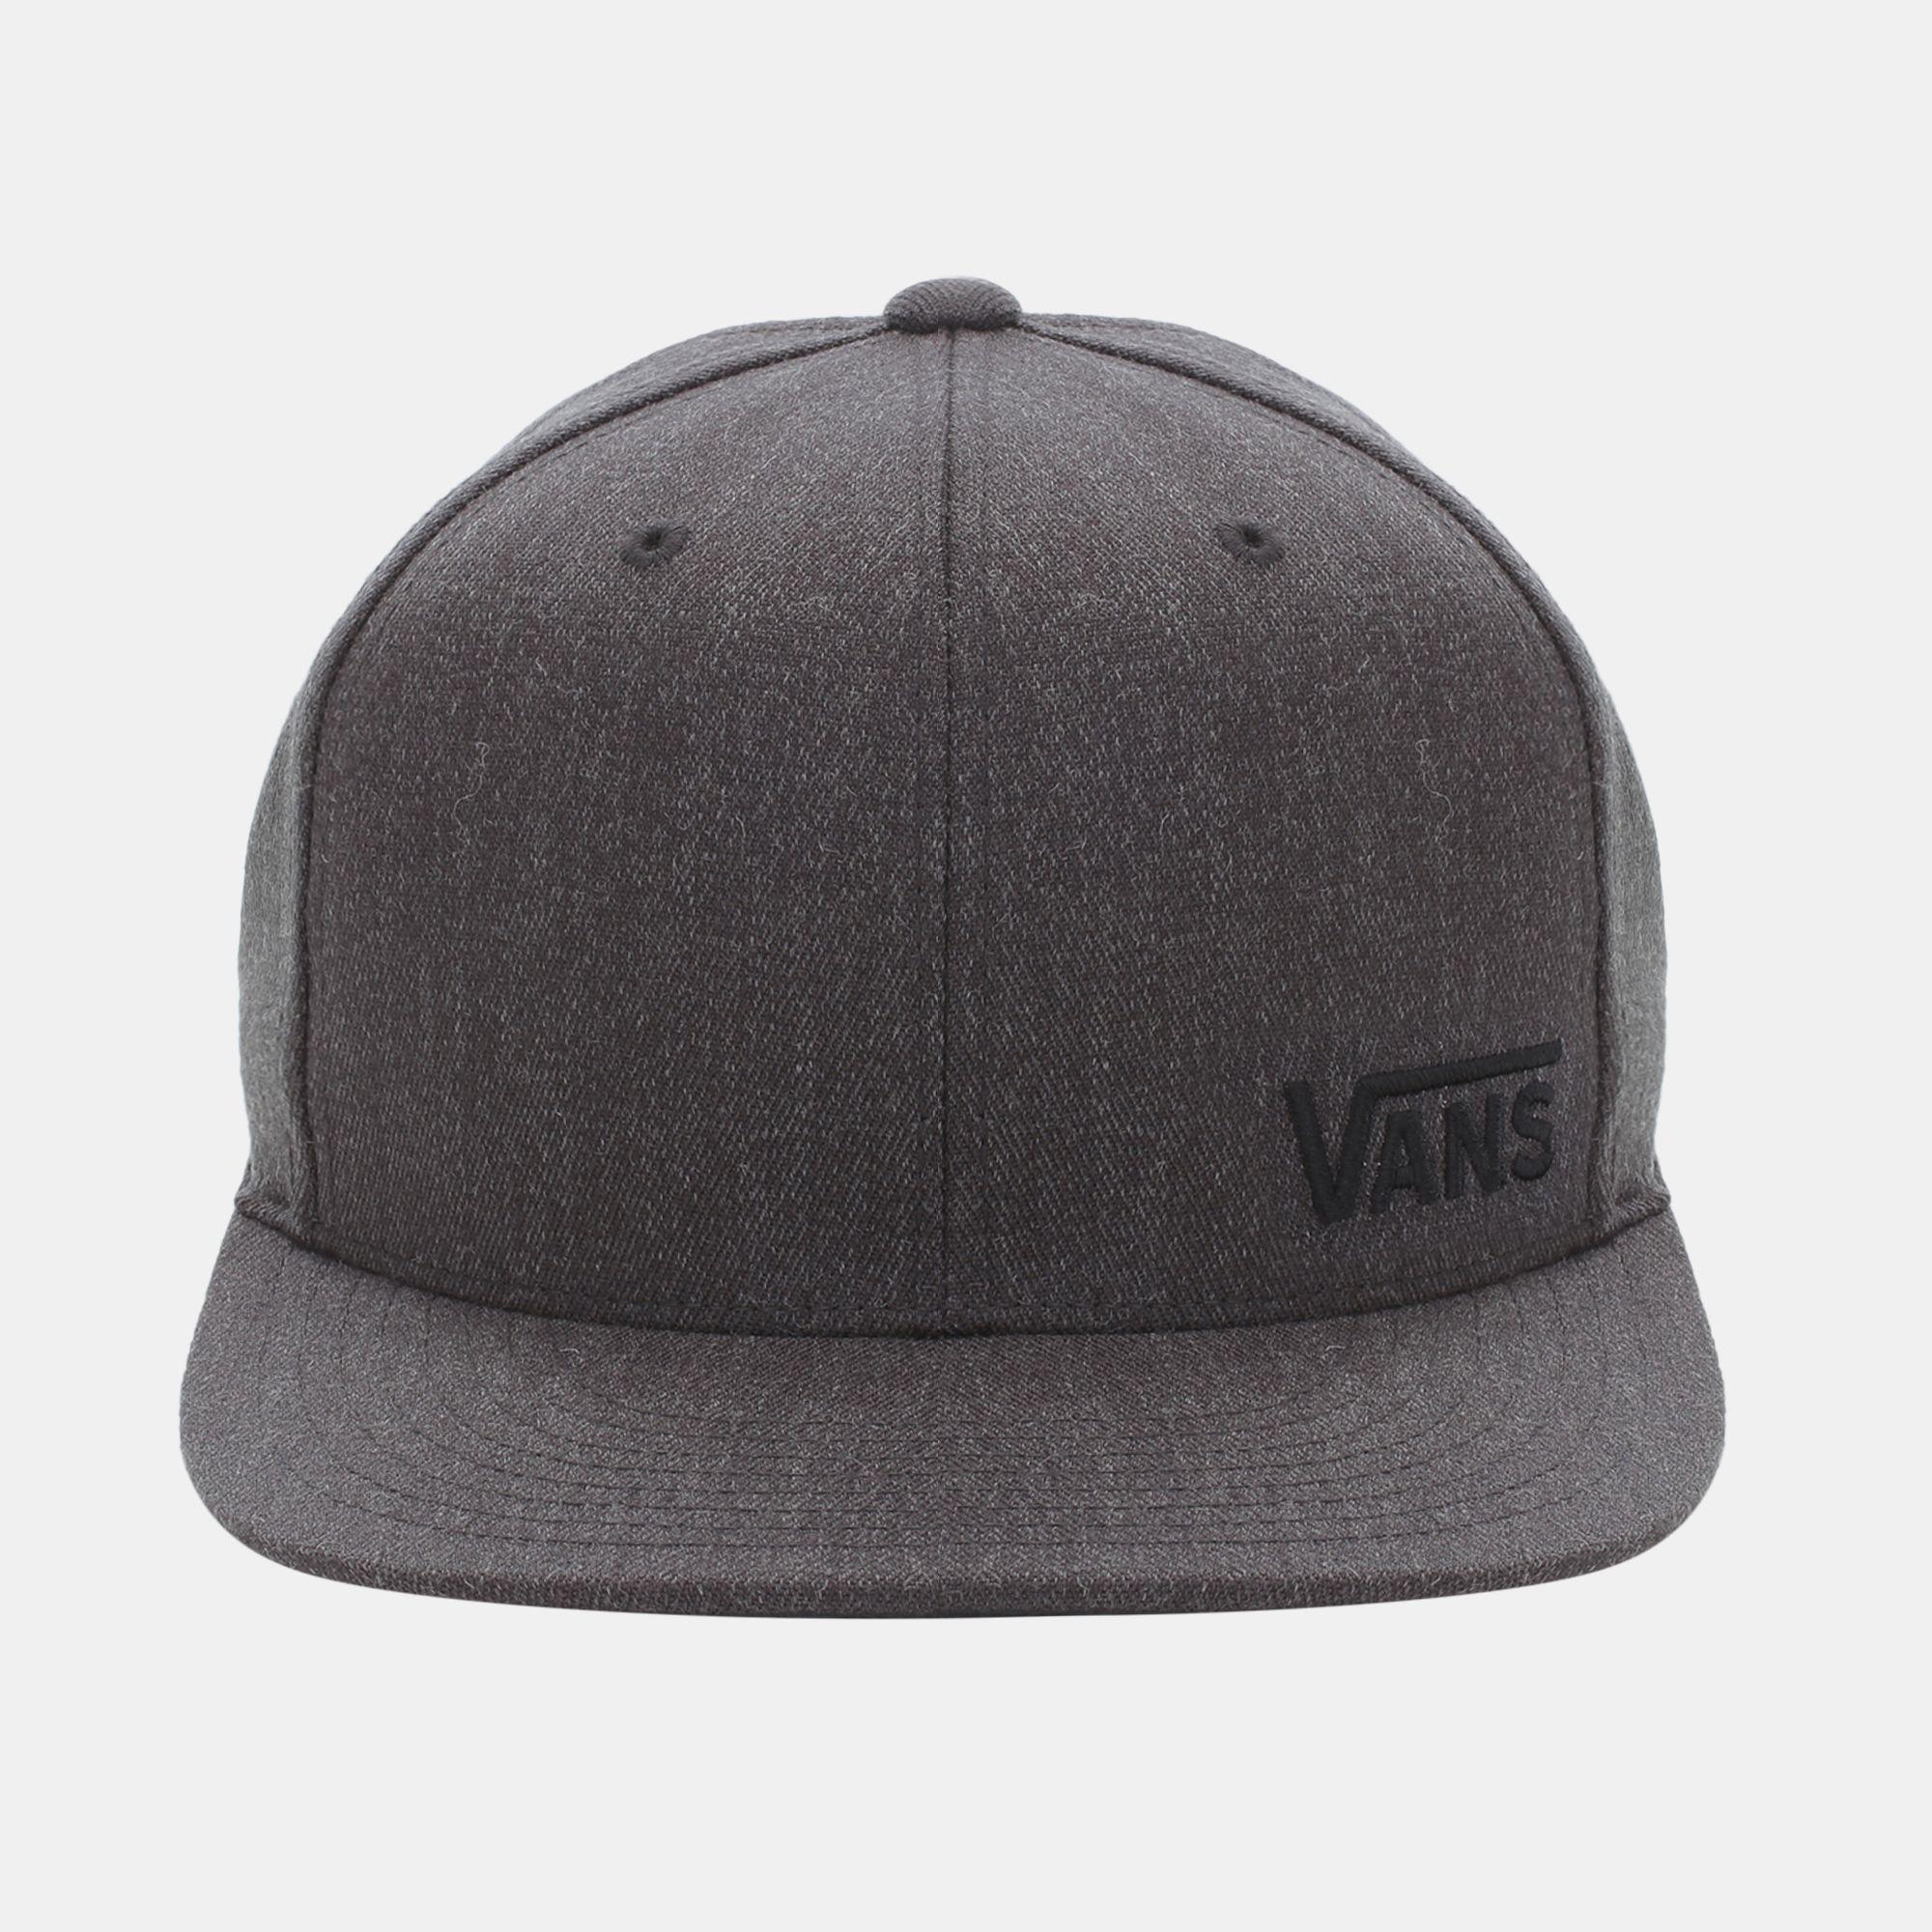 e2110282639 Shop Grey Vans Splitz Cap for Mens by Vans